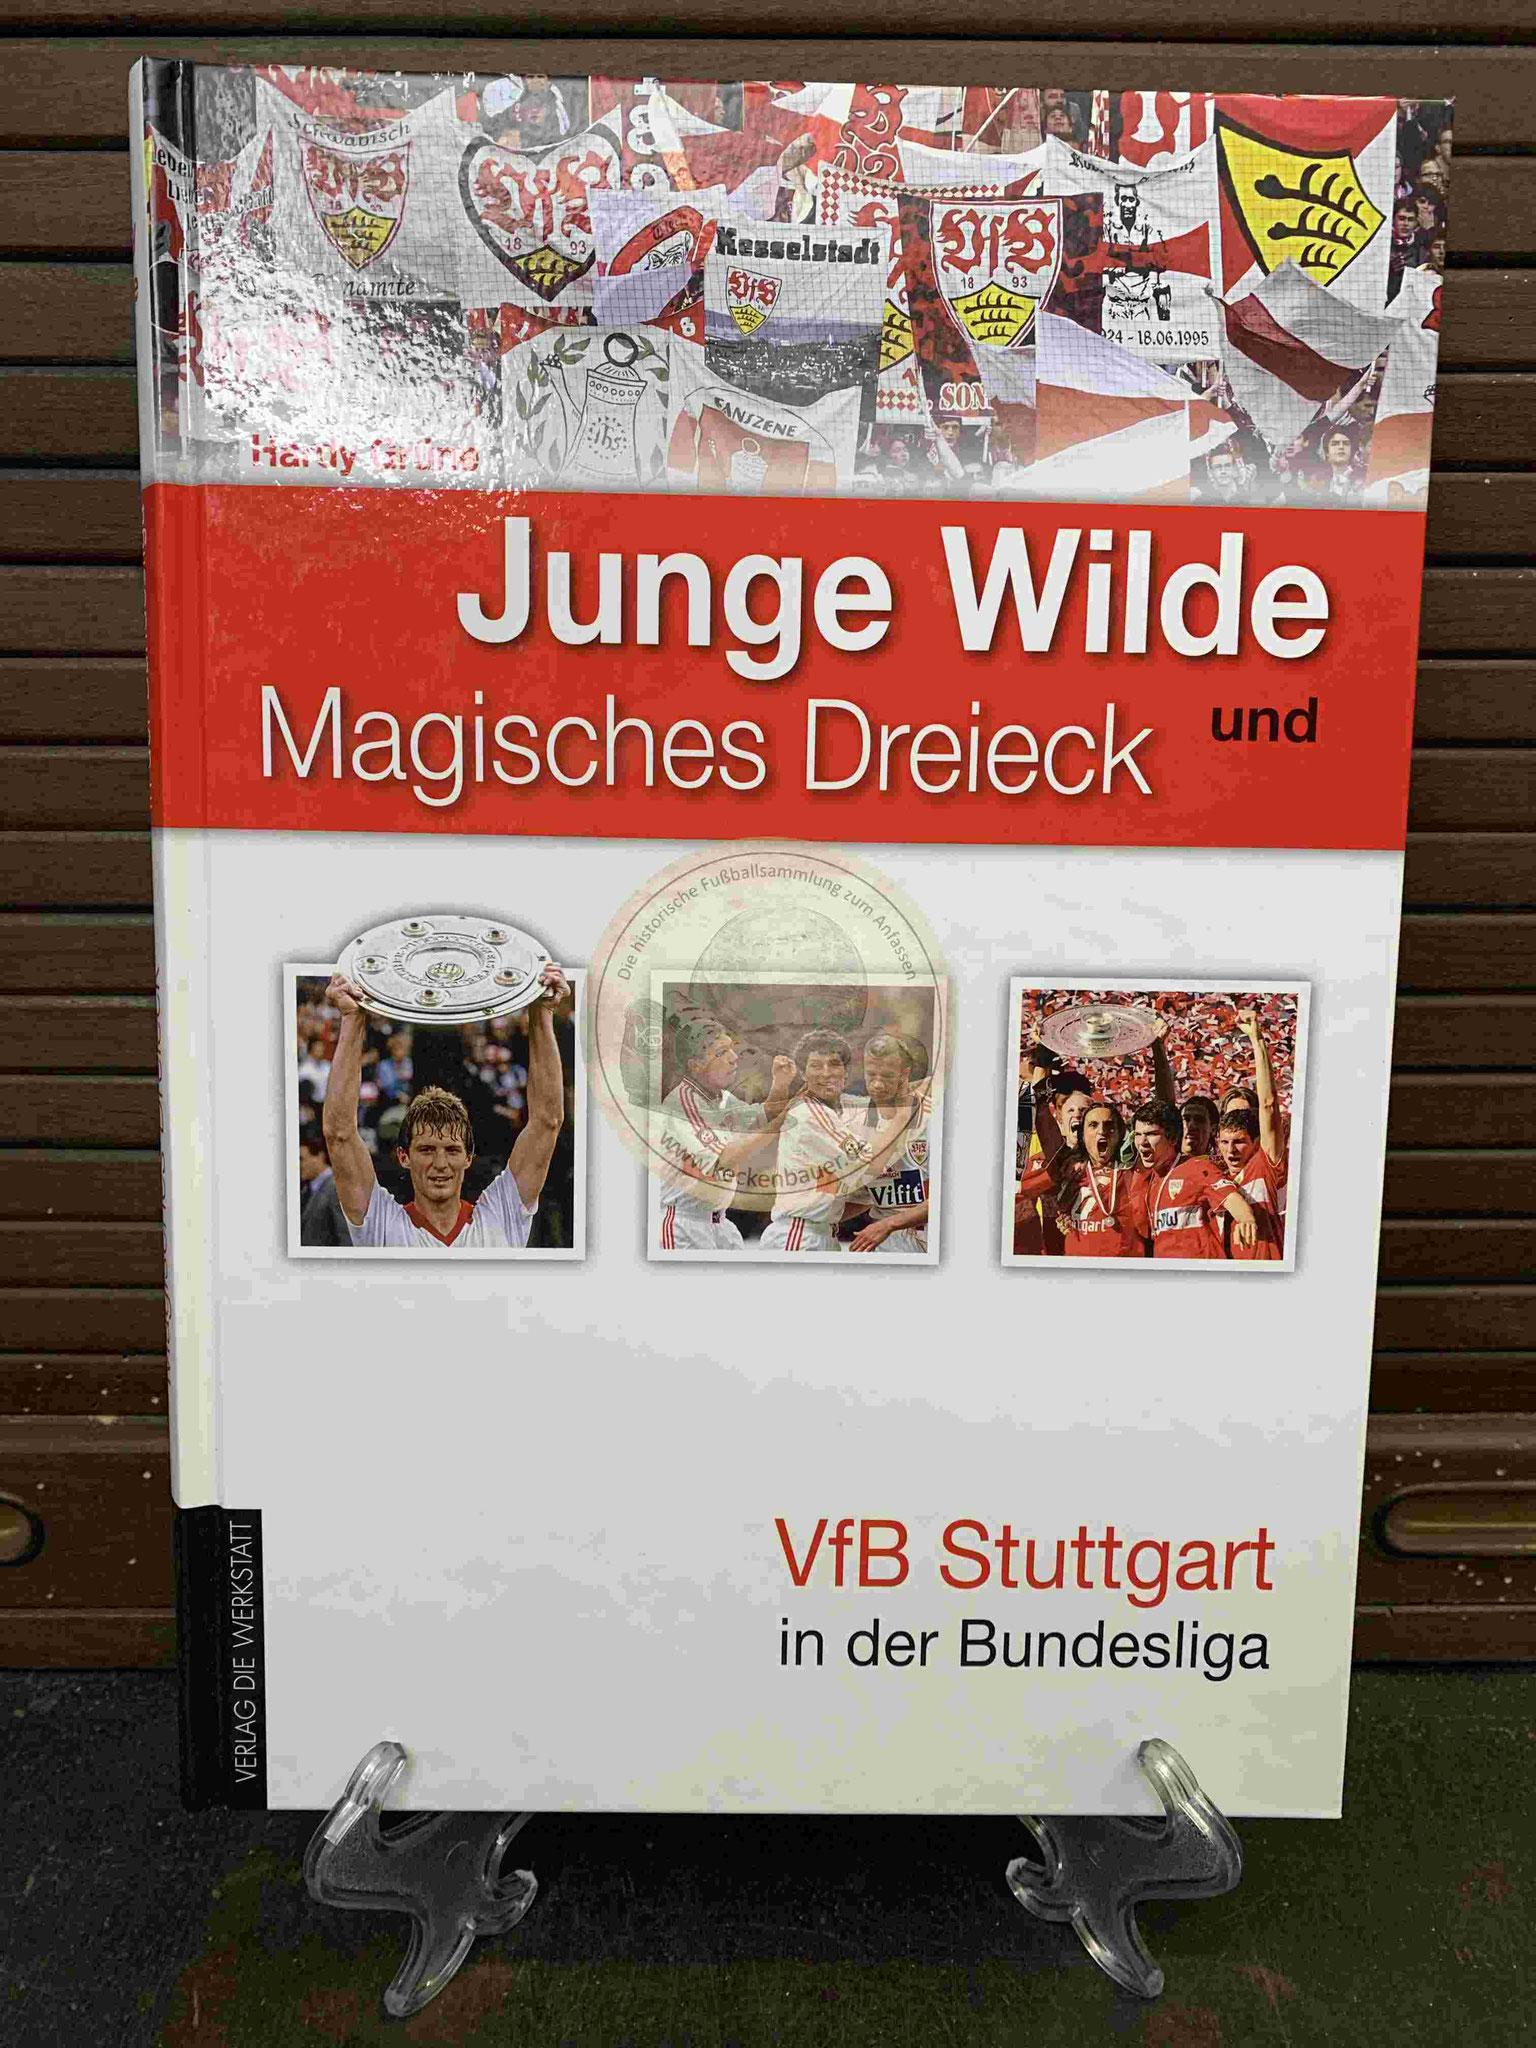 Junge Wilde und Magisches Dreieck VfB Stuttgart in der Bundesliga aus dem Jahr 2012